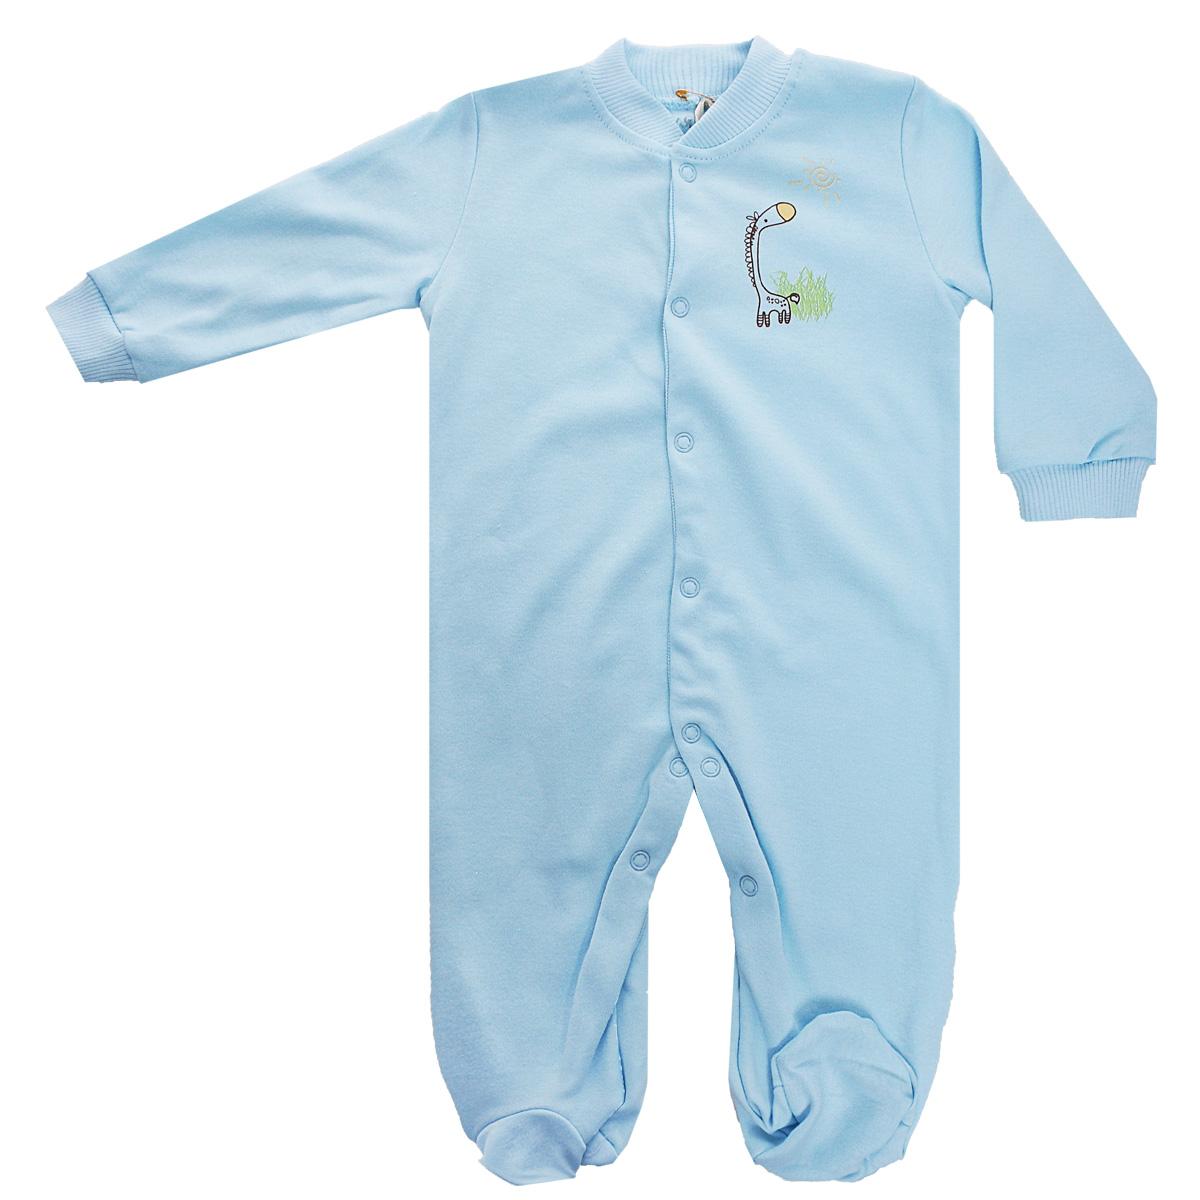 37-550Удобный детский комбинезон Клякса послужит идеальным дополнением к гардеробу ребенка. Комбинезон изготовлен из интерлок-пенье - натурального хлопка, благодаря чему он необычайно мягкий и легкий, не раздражает нежную кожу младенца и хорошо вентилируется, а эластичные швы приятны телу малыша и не препятствуют его движениям. Комбинезон с длинными рукавами, небольшим воротничком-стойкой и закрытыми ножками имеет ассиметричные застежки-кнопки от горловины до щиколотки, которые помогают легко переодеть ребенка или сменить подгузник. Низ рукавов дополнен широкими эластичными манжетами, не пережимающими запястья малыша. На груди изделие оформлено оригинальным принтом с изображением забавного животного. Комбинезон полностью соответствует особенностям жизни ребенка в ранний период, не стесняя и не ограничивая его в движениях!